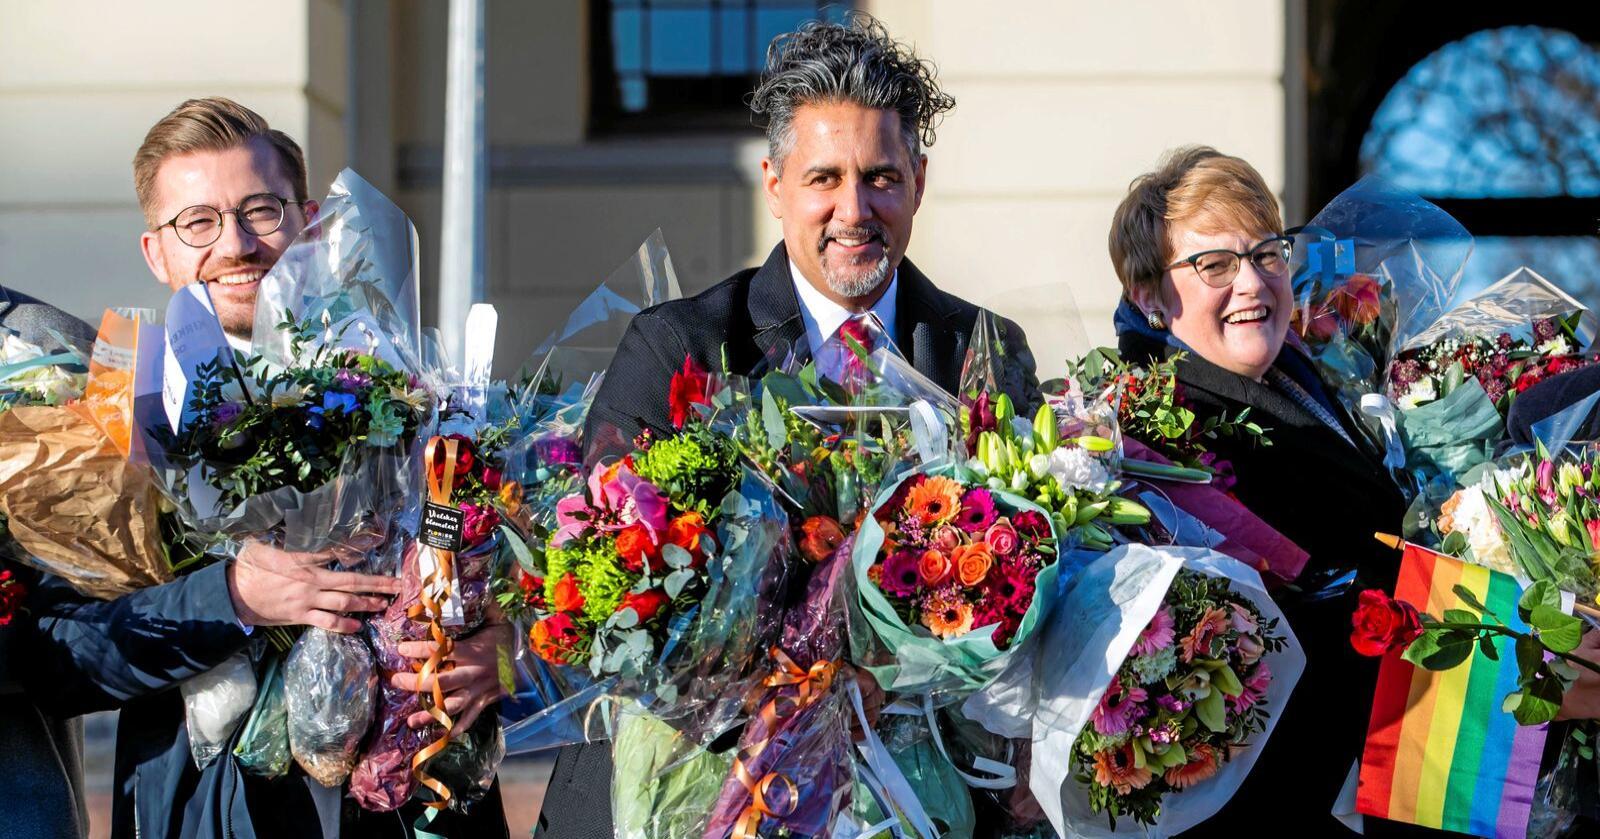 Venstre : Sveinung Rotevatn vil bli leder, Abid Raja tenker på å bli leder, Trine Skei Grande går av som leder for idépartiet, som ligger stabilt under sperregrensa. Foto: Håkon Mosvold Larsen / NTB scanpix